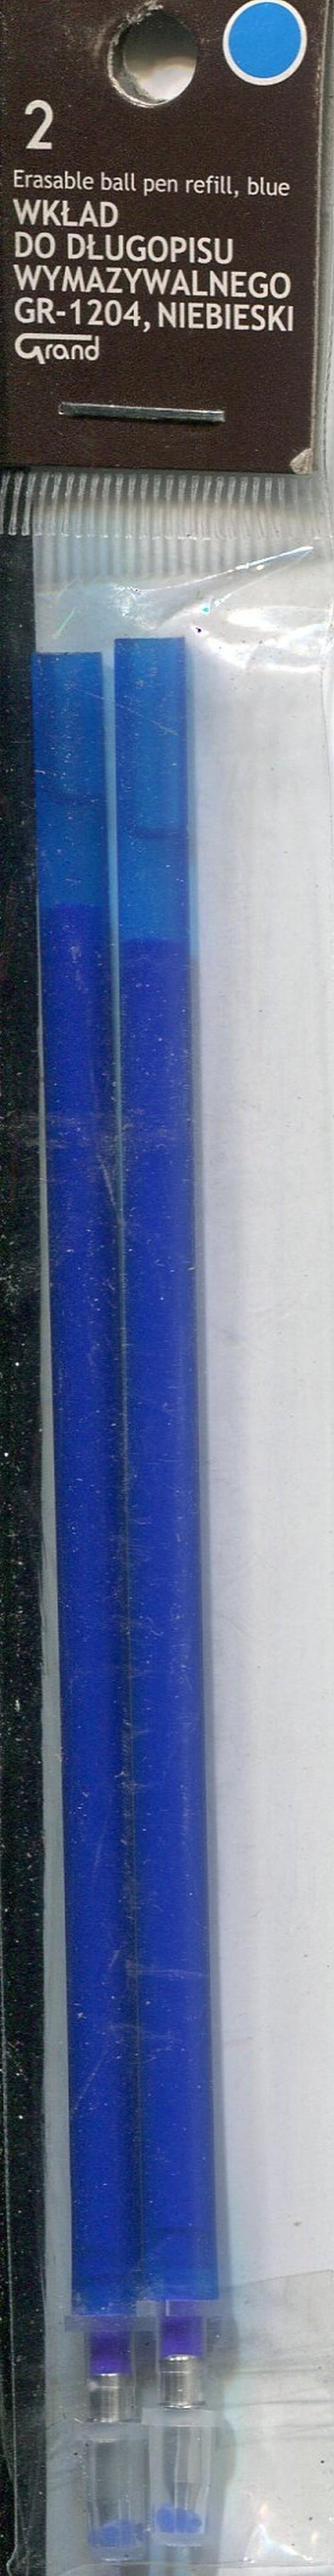 Wkład do długopisu wymazywalnego GR 1204 niebieski (160-2045)